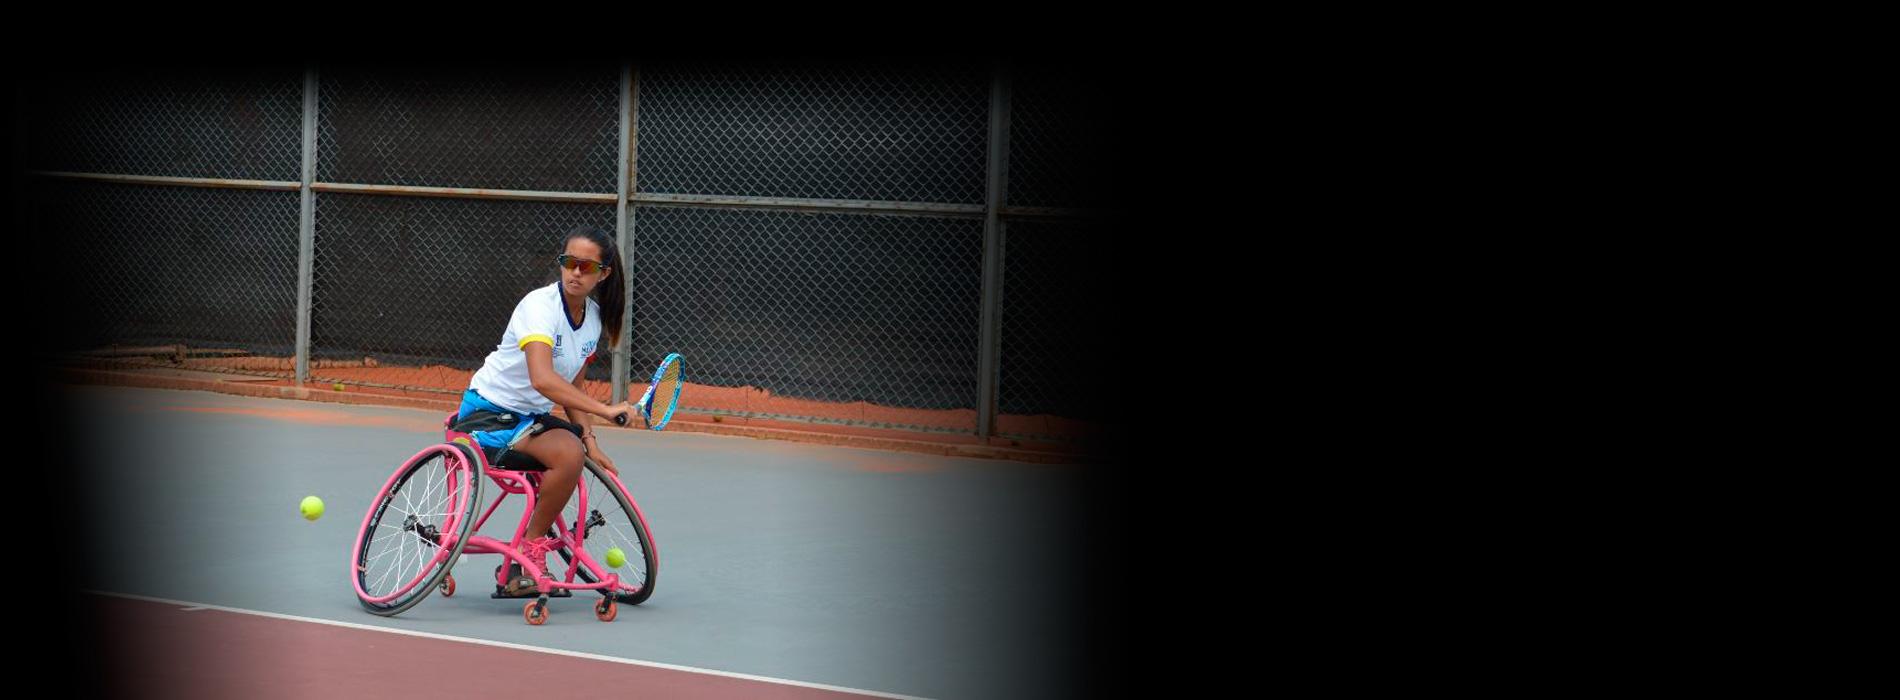 Deporte y pandemia - Cap 1: María Angélica Bernal